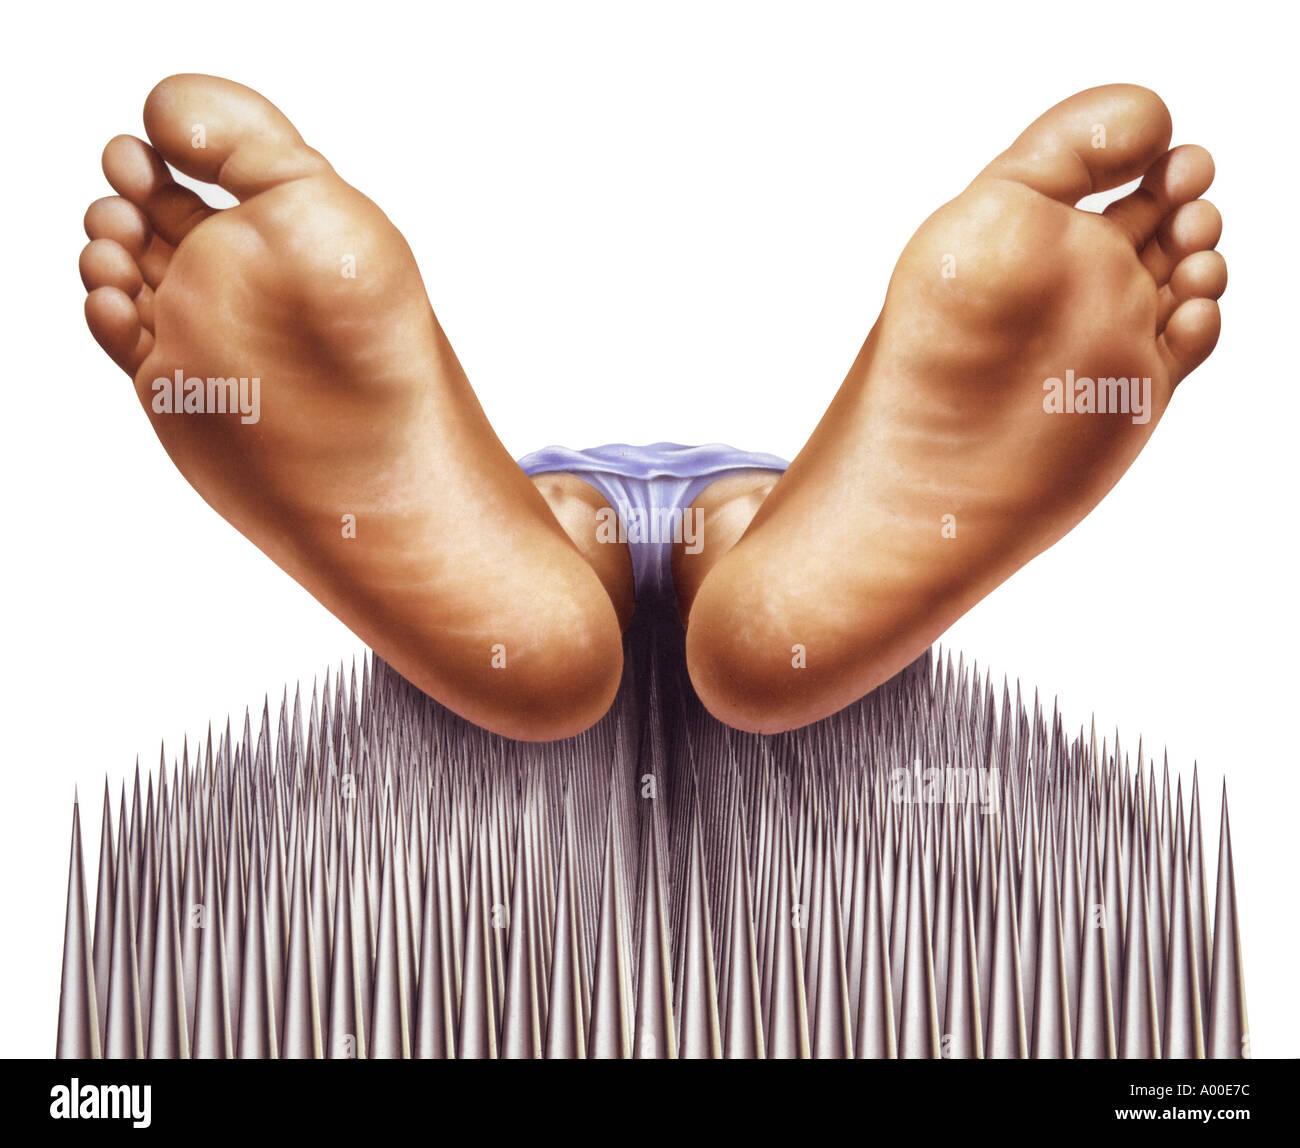 Chiodi fakir letto con i piedi di close-up Immagini Stock